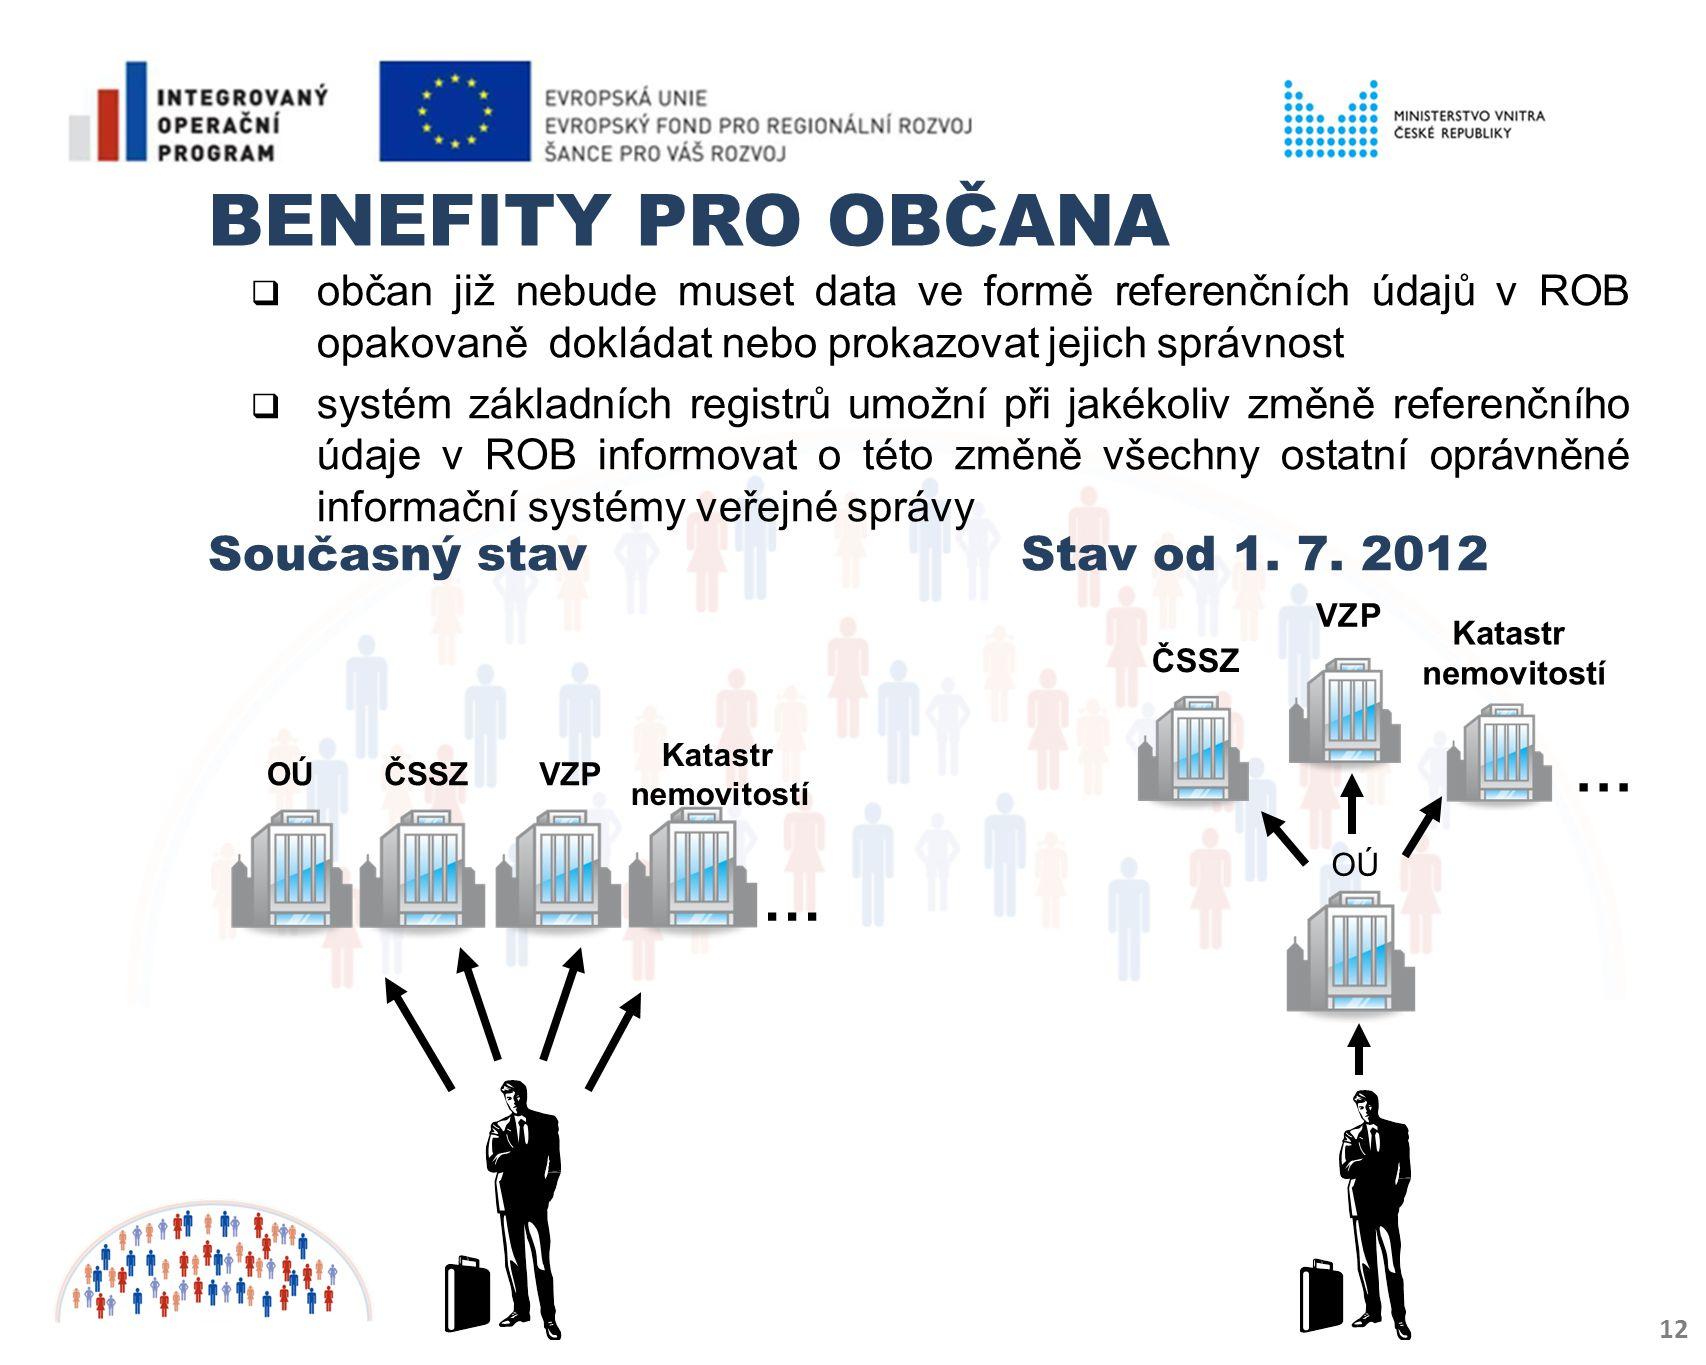 Benefity pro občana občan již nebude muset data ve formě referenčních údajů v ROB opakovaně dokládat nebo prokazovat jejich správnost.